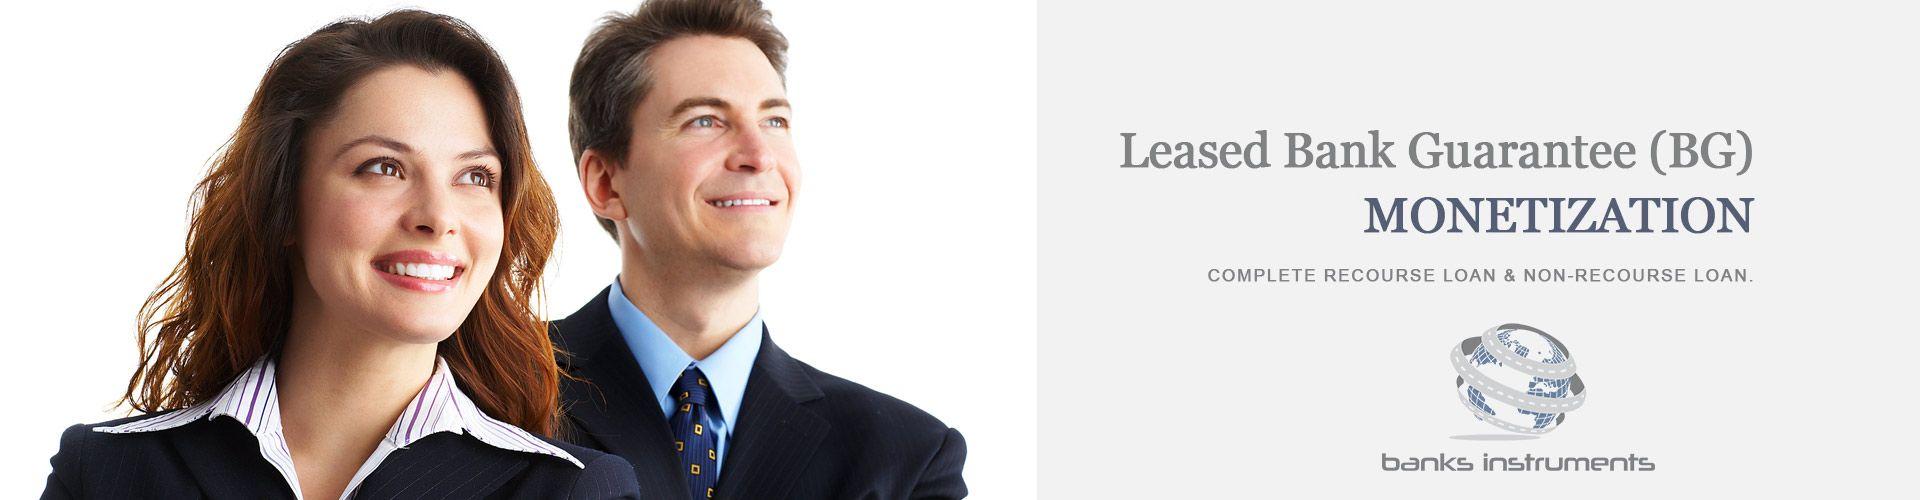 Complete Recourse Loan & Non-Recourse Loan Monetization of